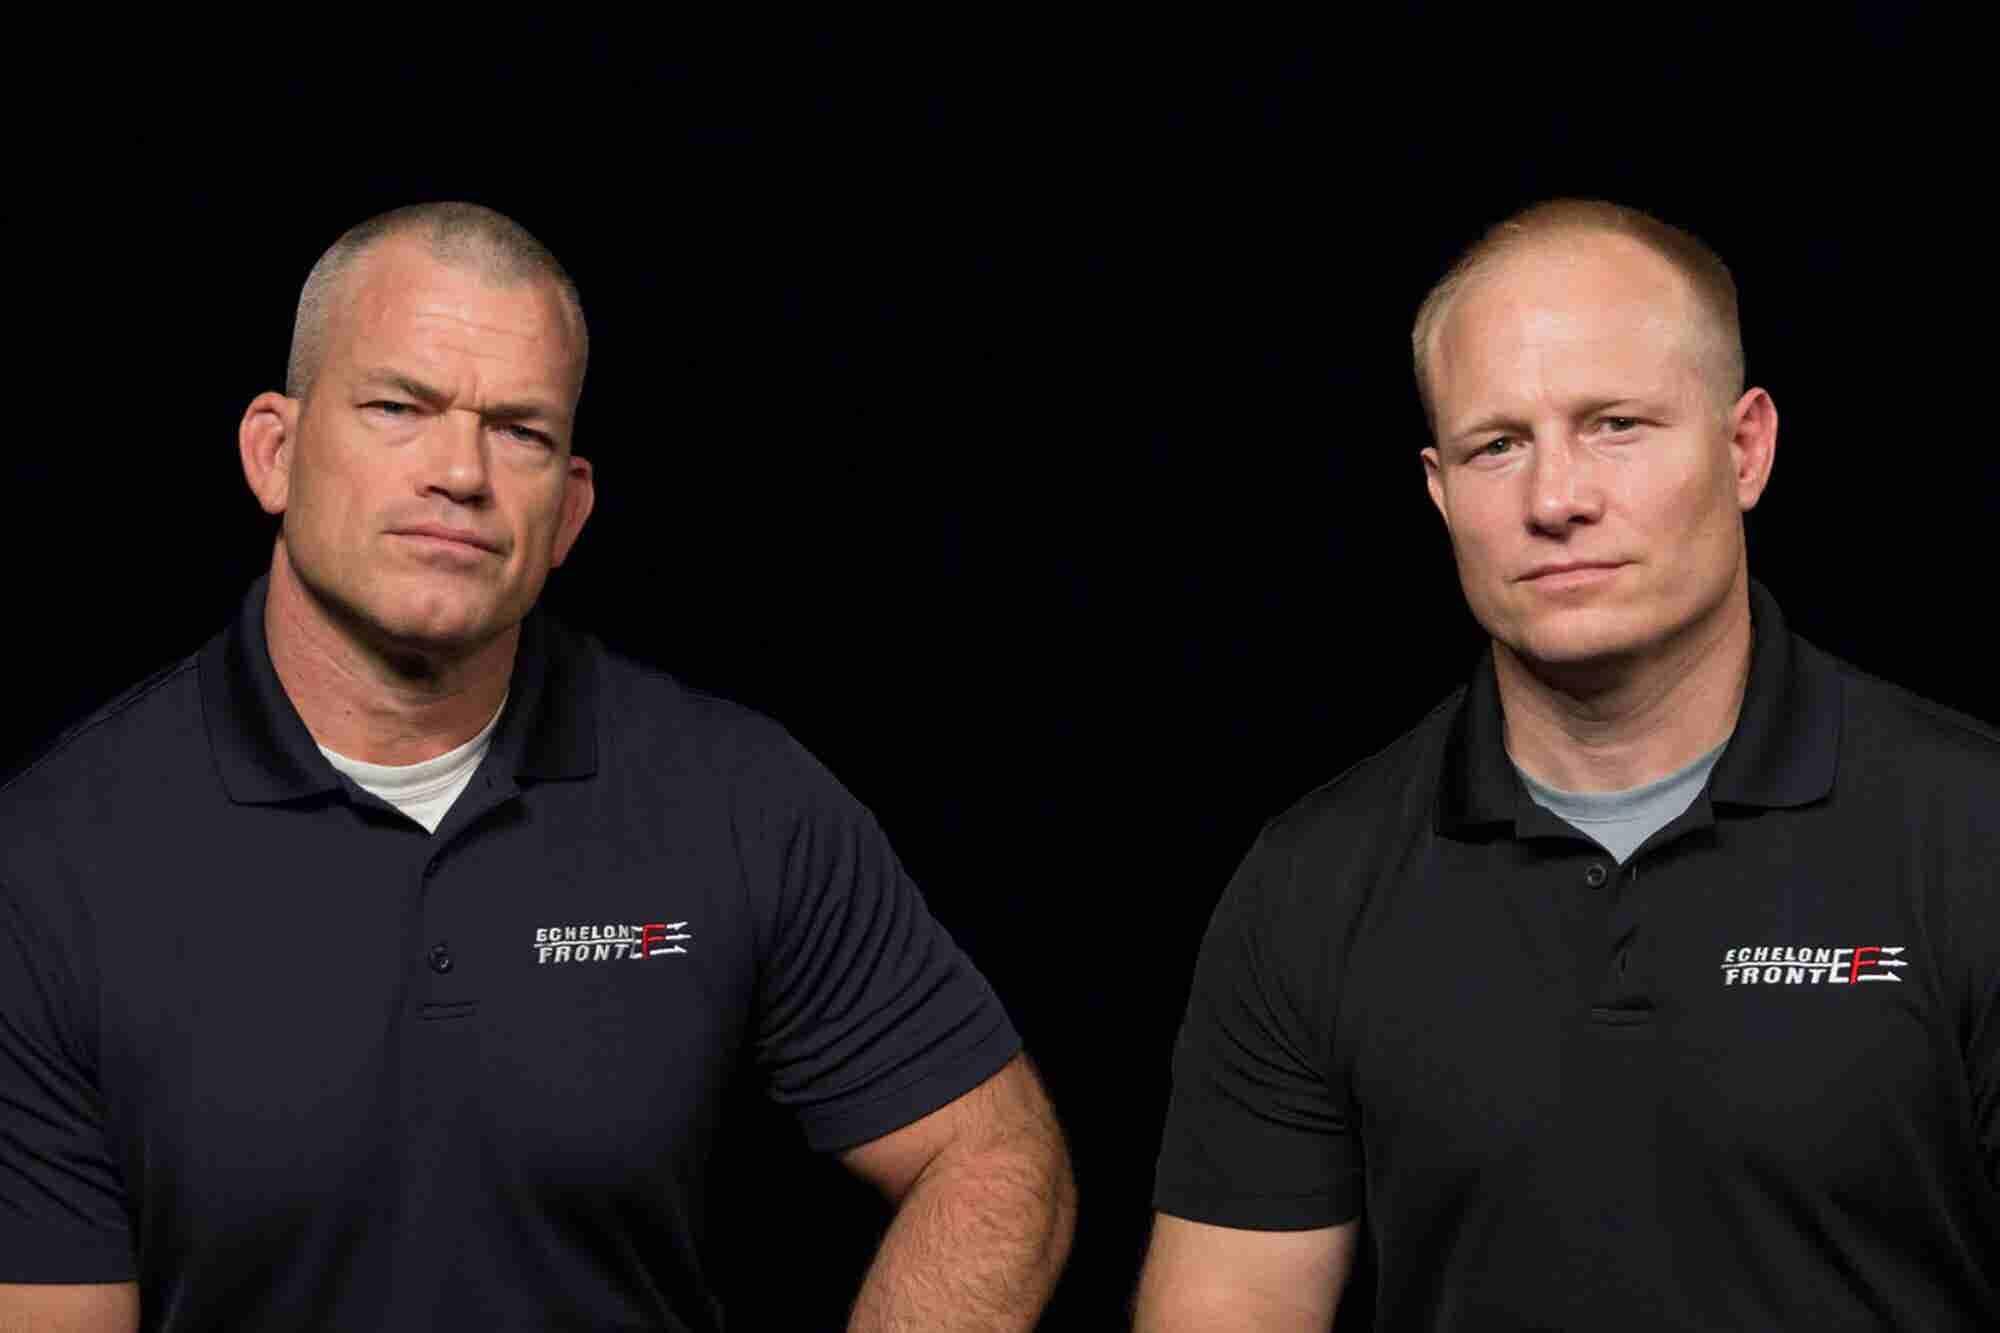 Former Navy SEAL Commanders Say New Leaders Always Make the Same 2 Mis...